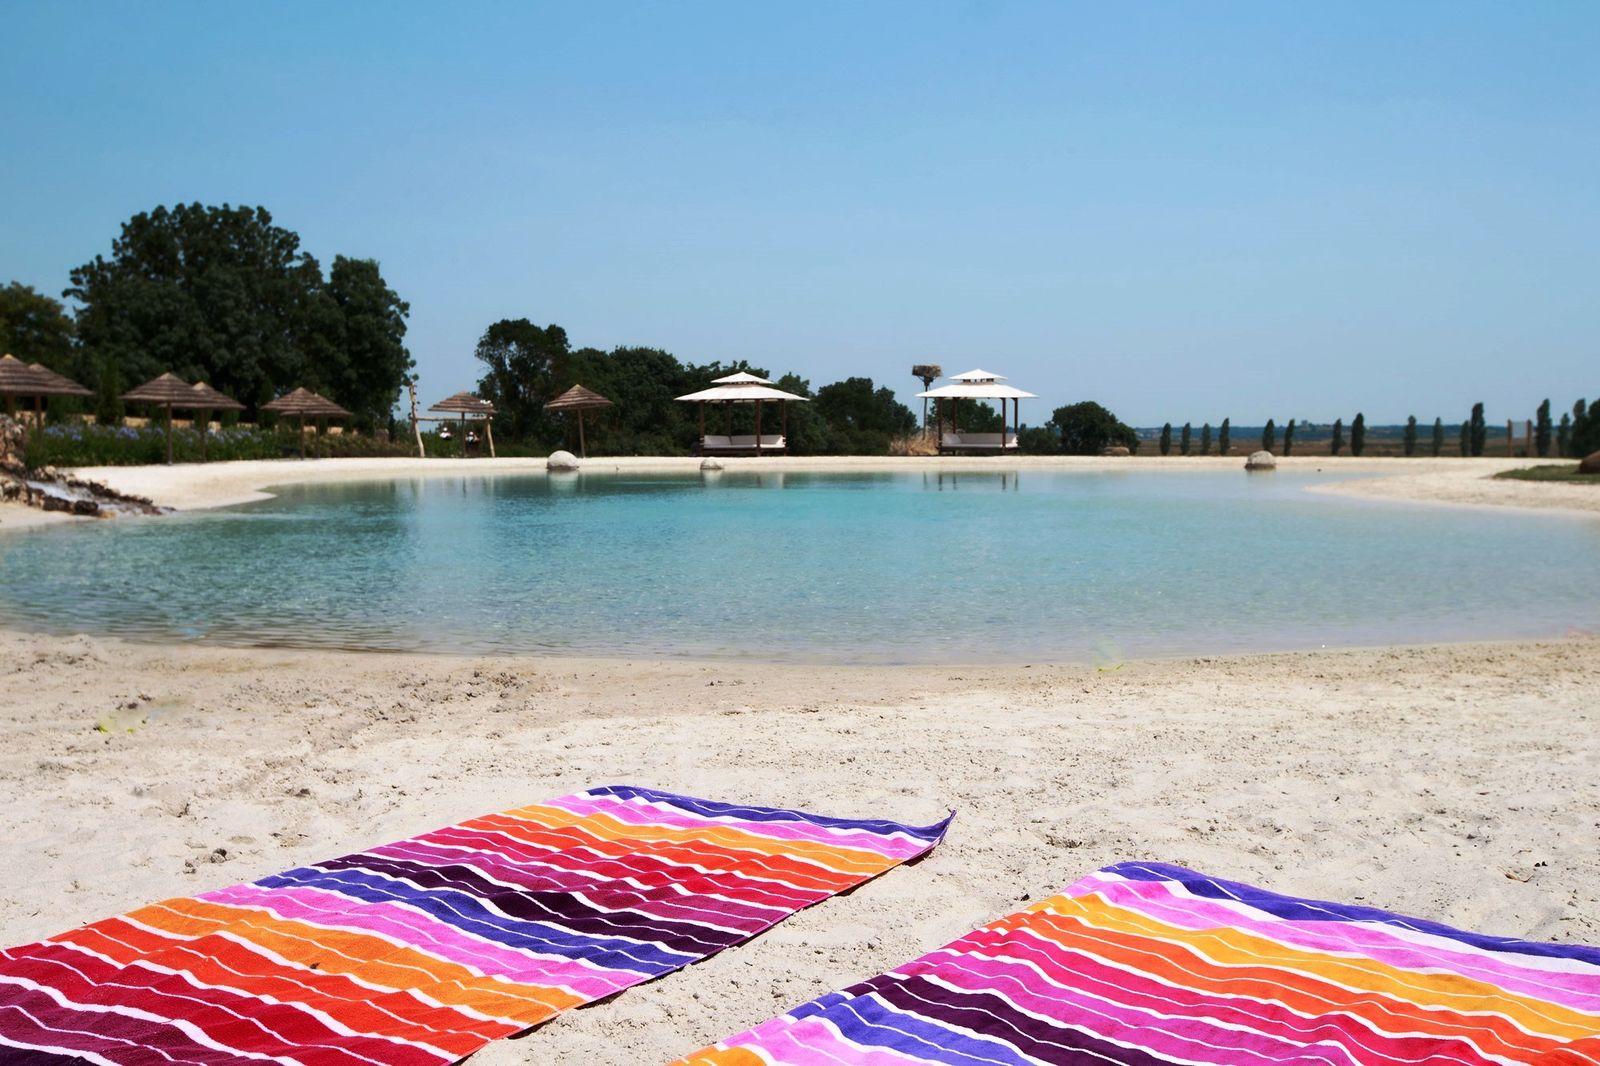 Afbeelding van Domaine les Marées - 9. La Tour de Broue - vakantievilla met zwembad in Frankrijk